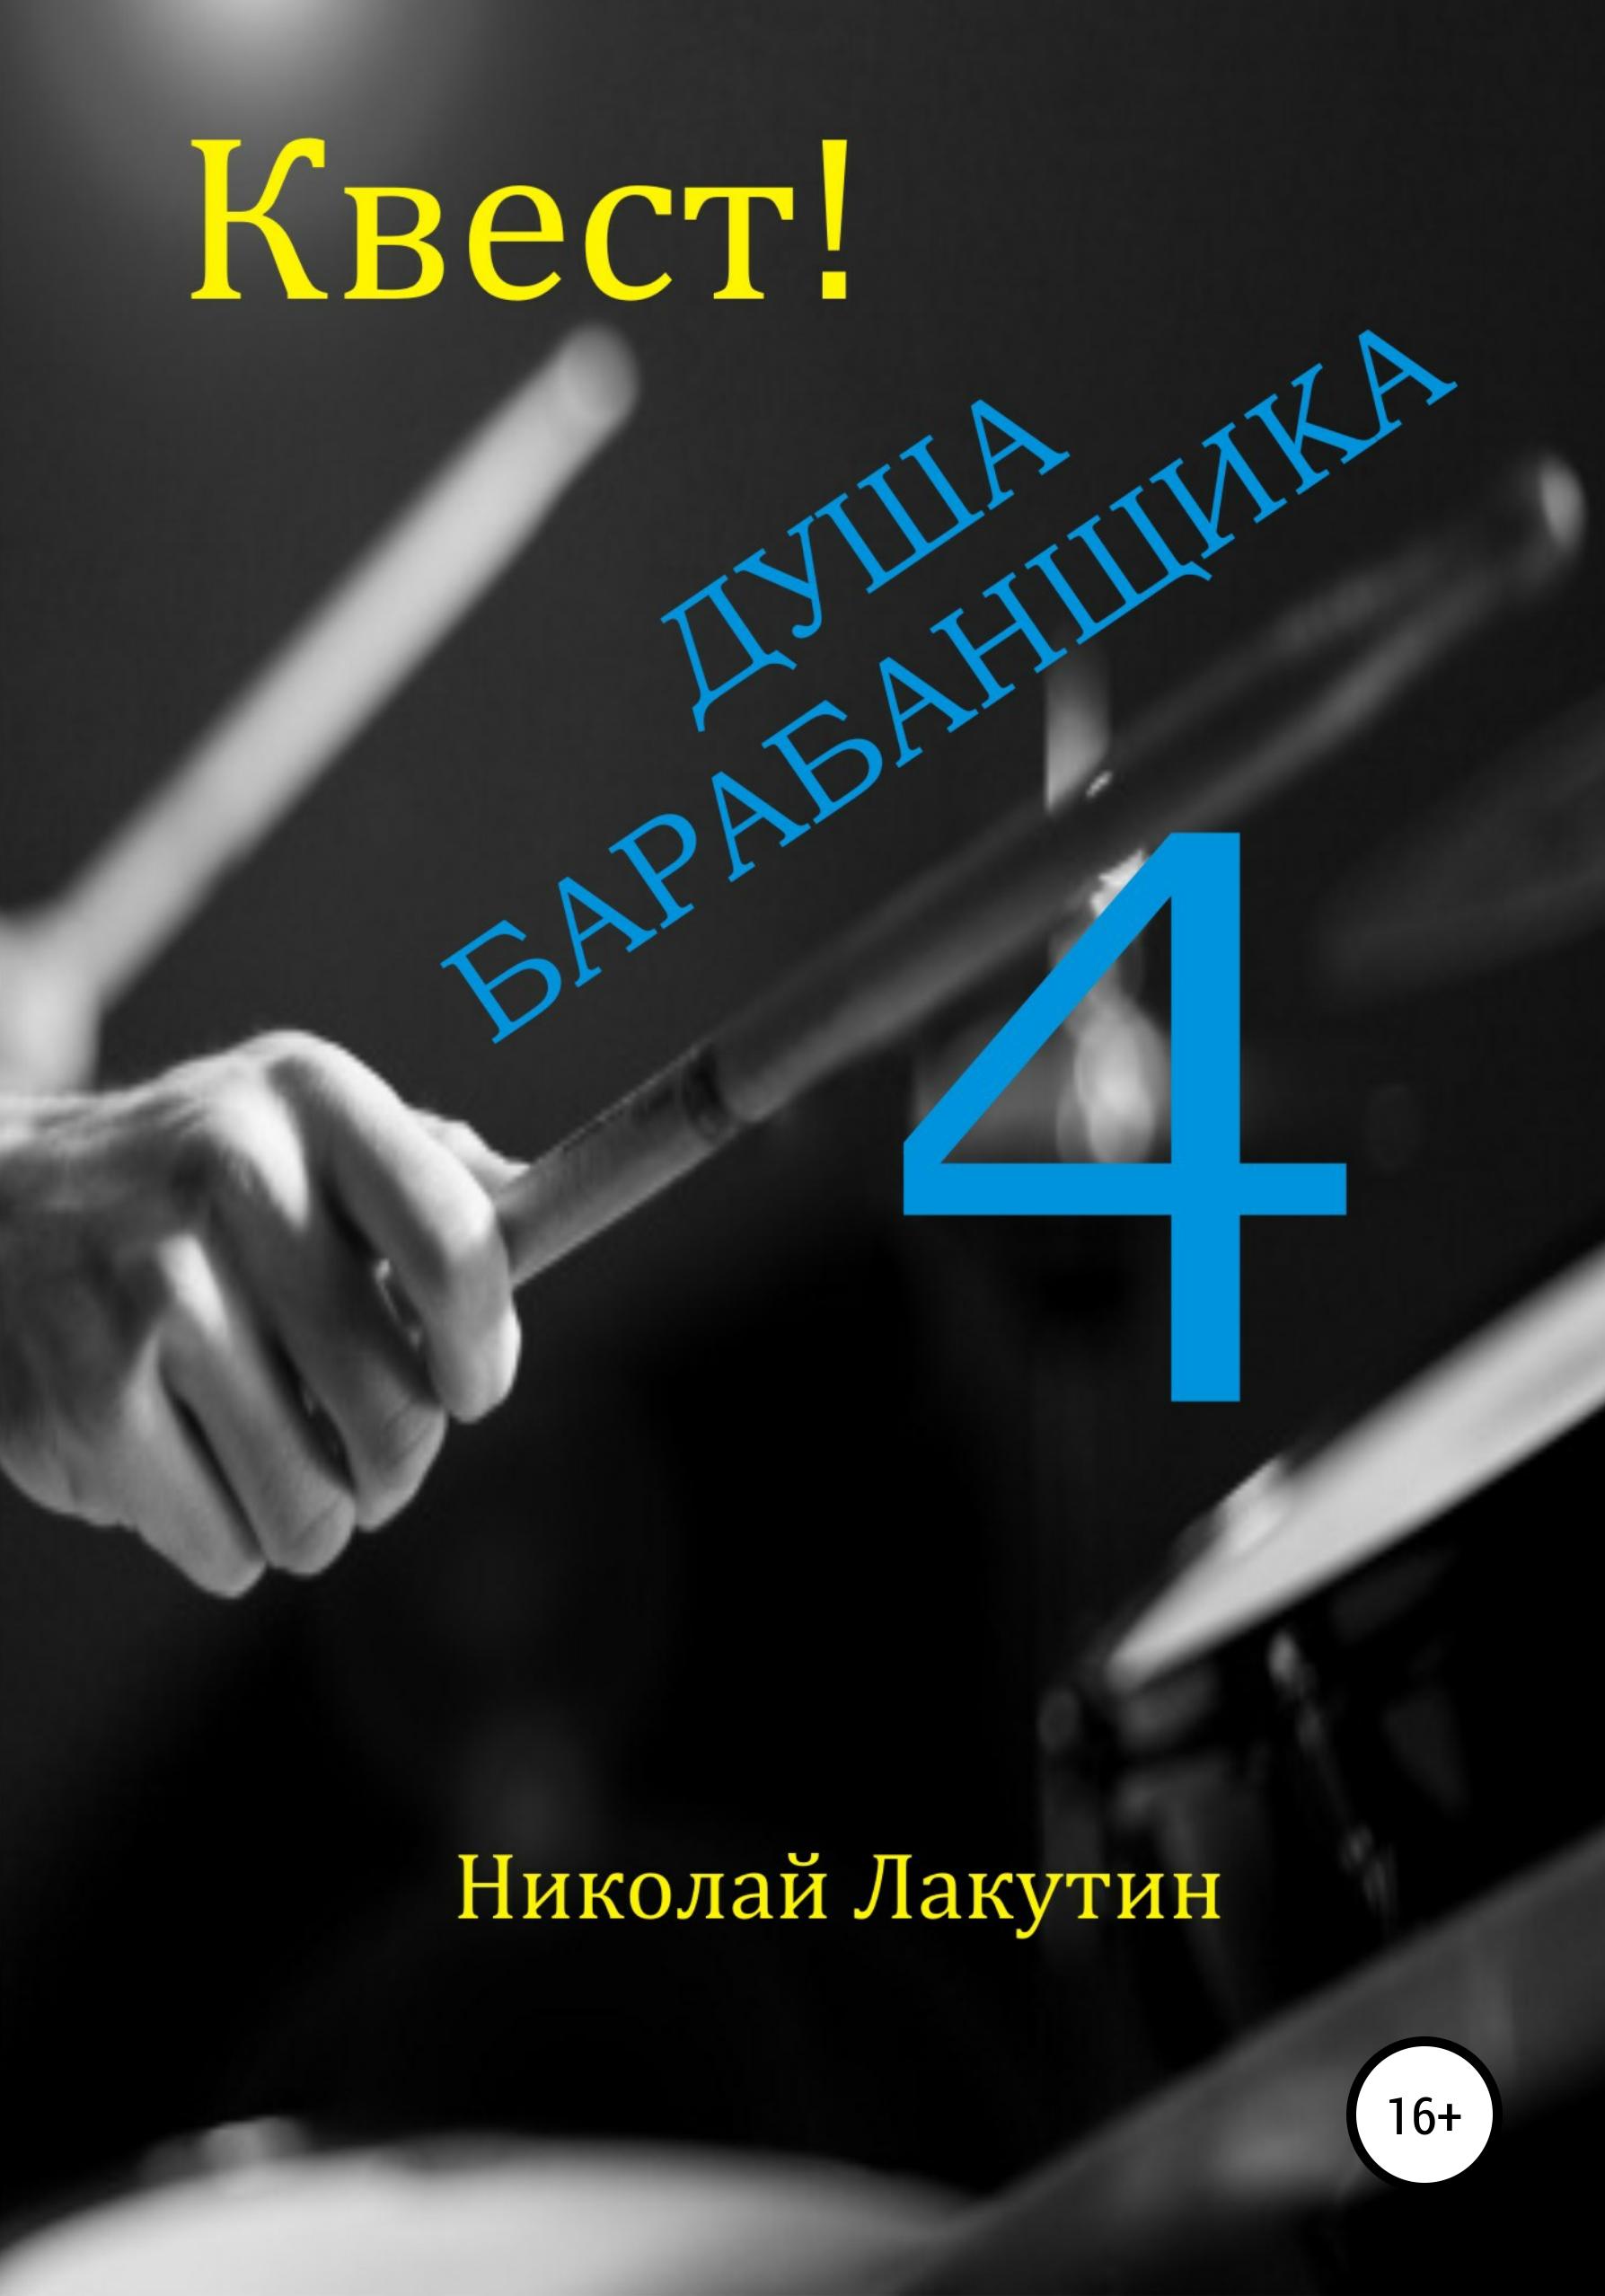 Купить книгу Квест. Душа Барабанщика 4, автора Николая Владимировича Лакутина